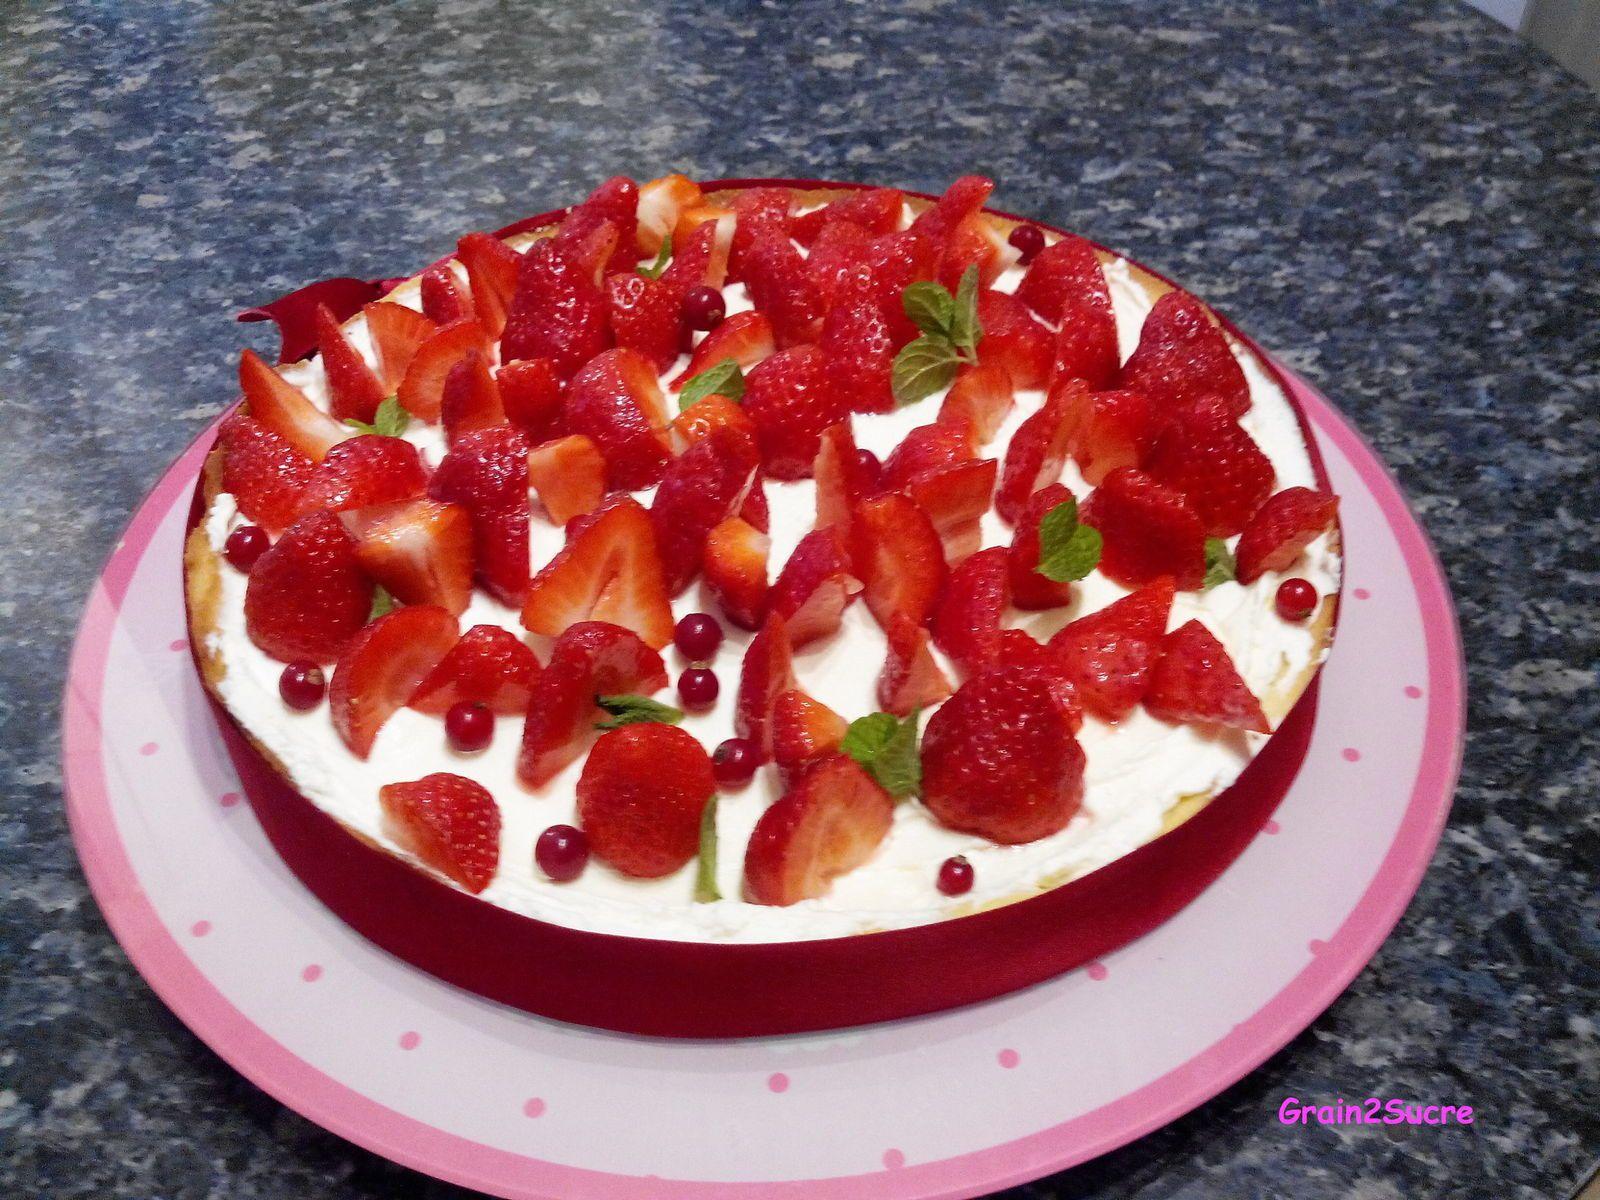 Grain2Sucre. Recette Tarte Mascarpone aux Fraises, pâte sucrée, fraises, groseilles, mascarpone, crème liquide entière, sucre...